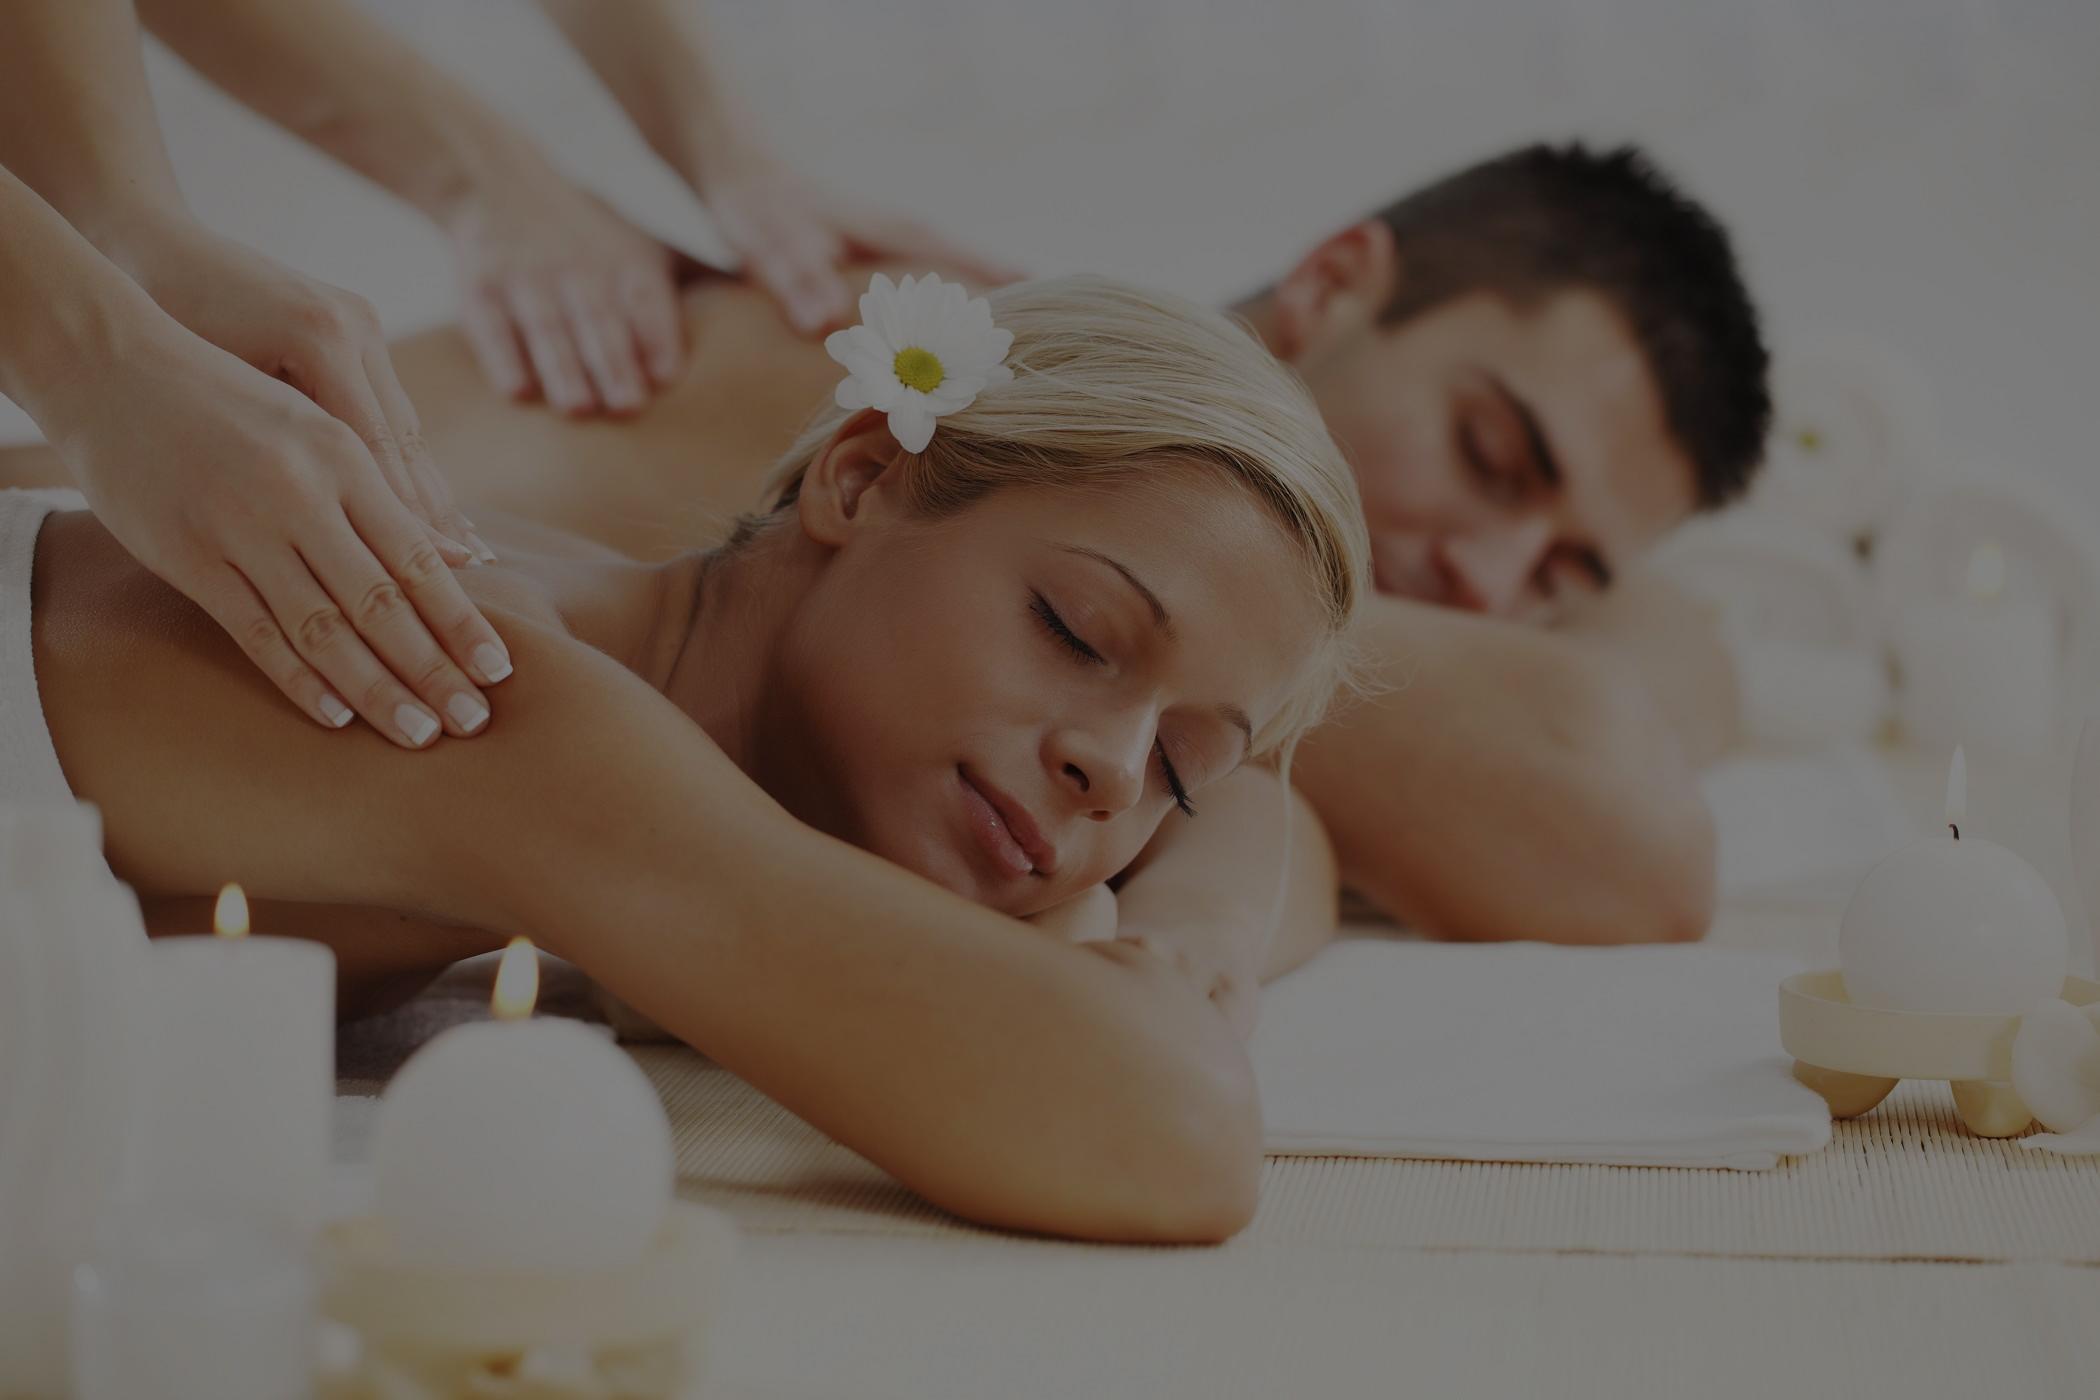 Oaza-Istra, Masaže, tretmani, prenatal, relaksacija